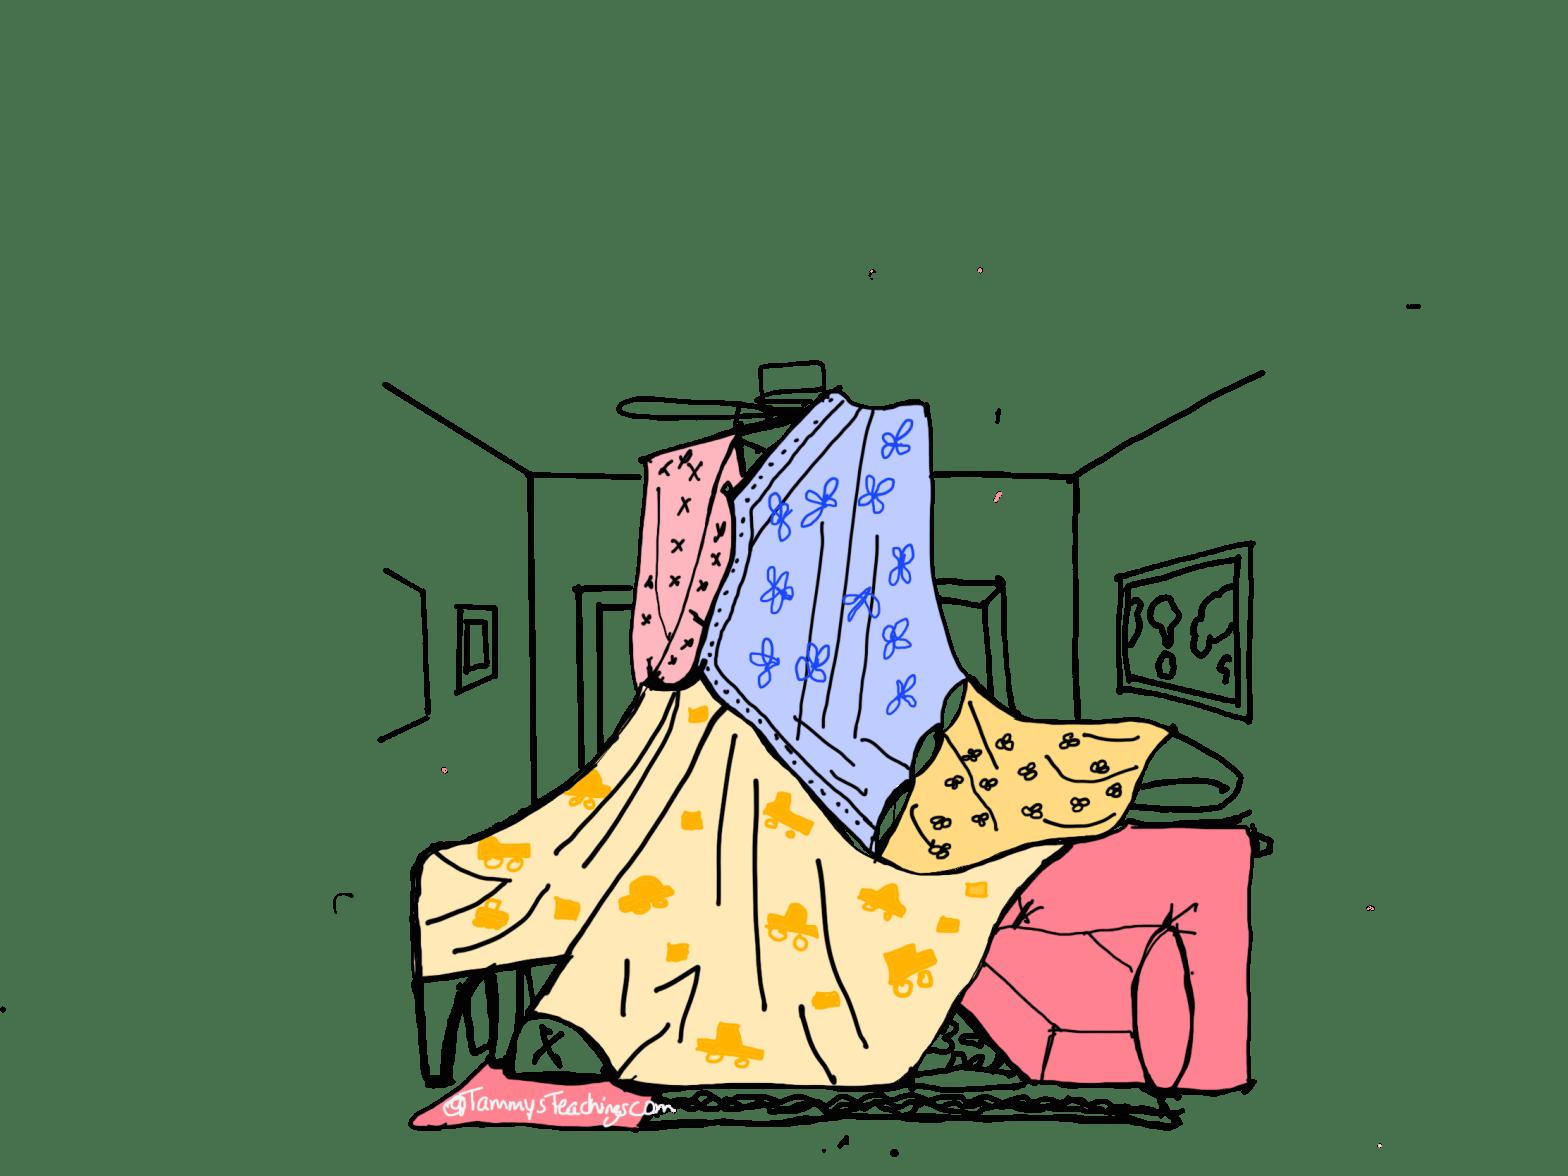 Indoor blanket fort